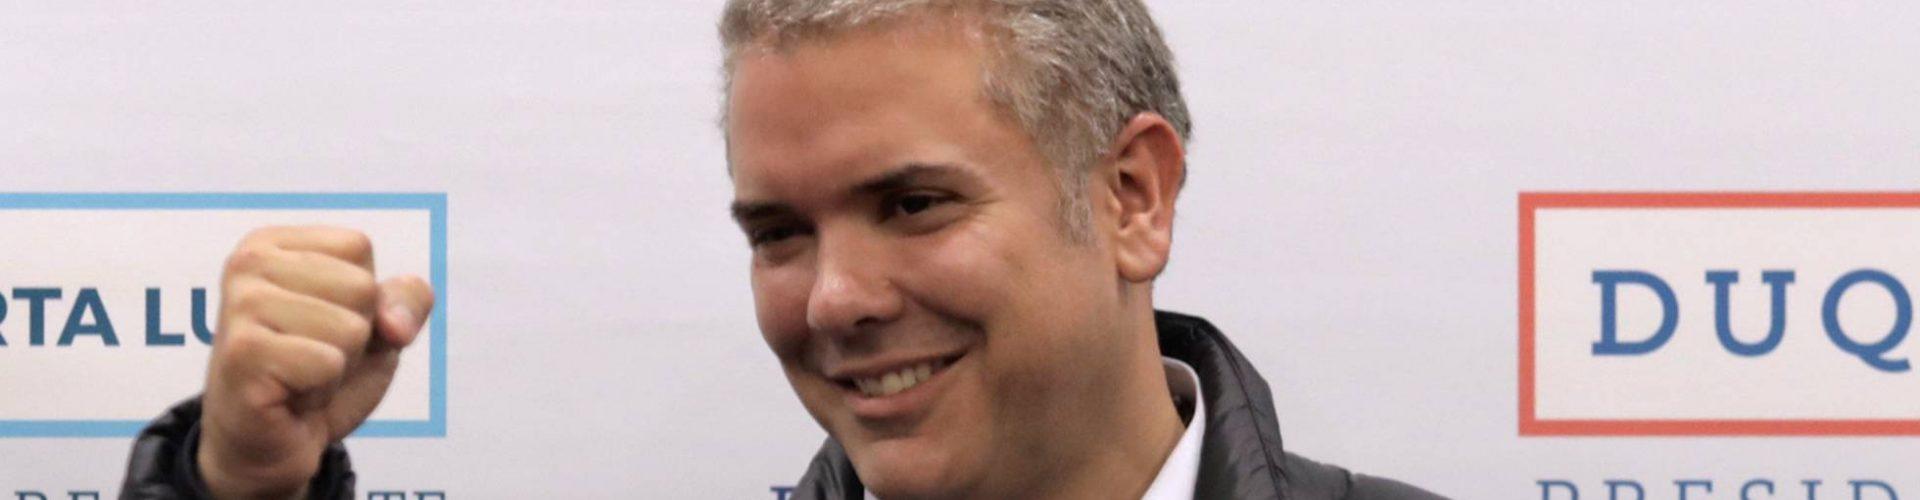 Colombianos eligen entre Duque y Petro